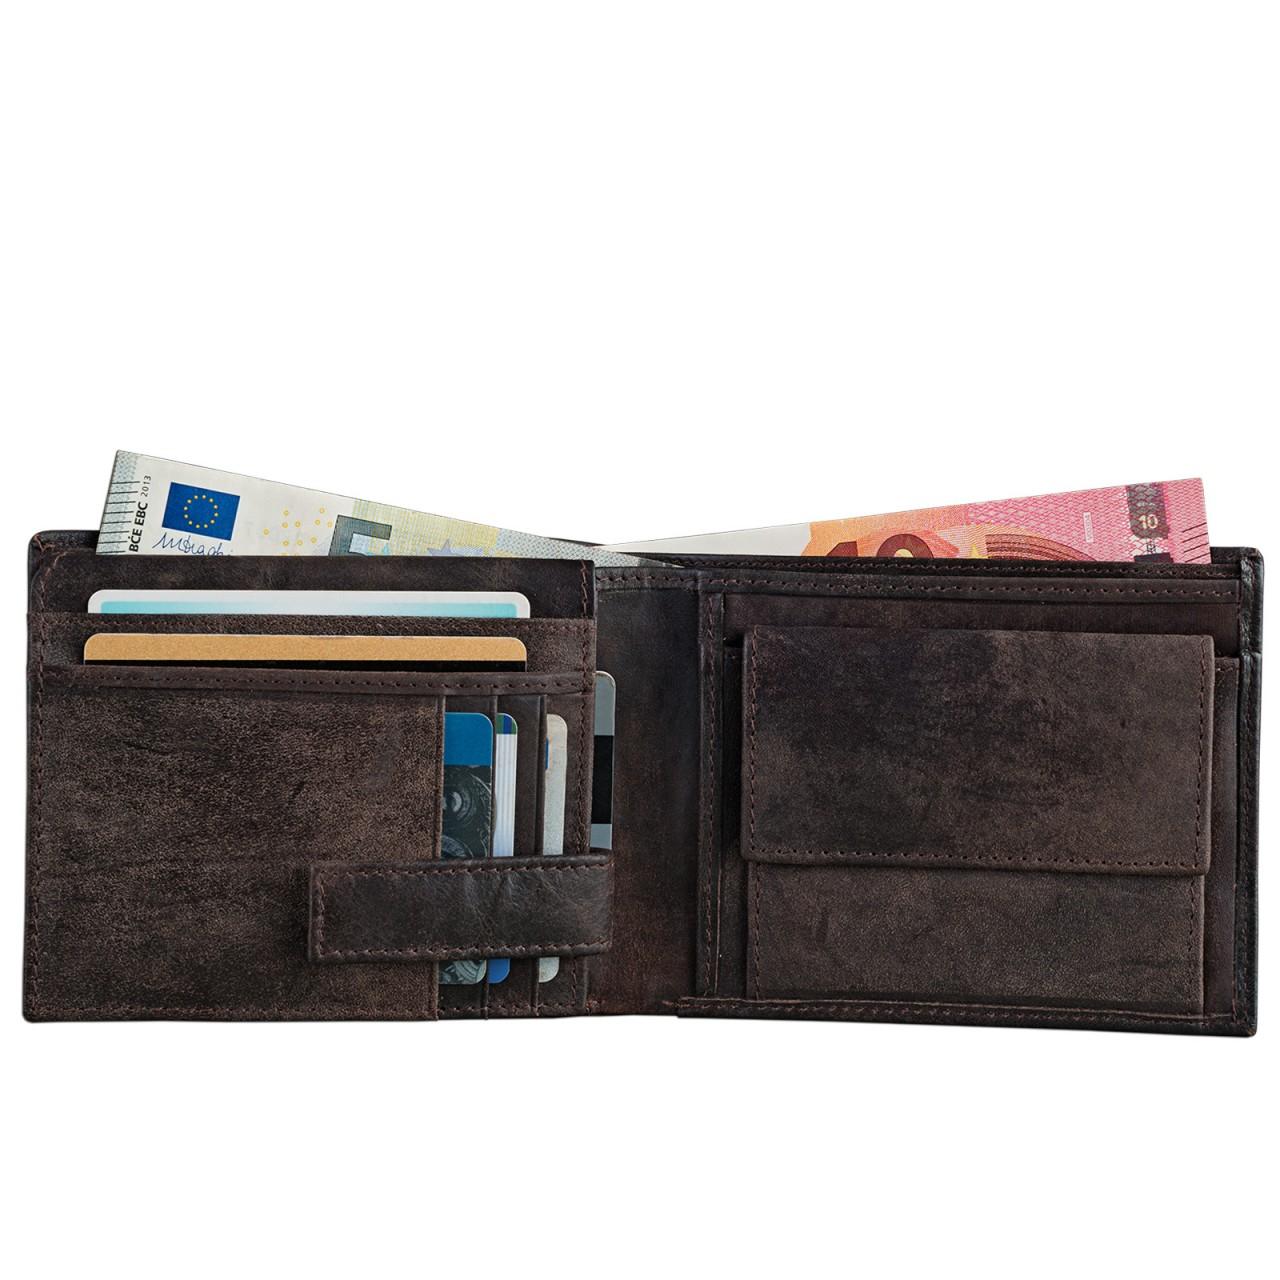 """STILORD """"Chester"""" Vintage Leder Geldbörse mit EC-Karten Schutz Herren Portemonnaie Brieftasche elegant  Retro Rindsleder - Bild 6"""